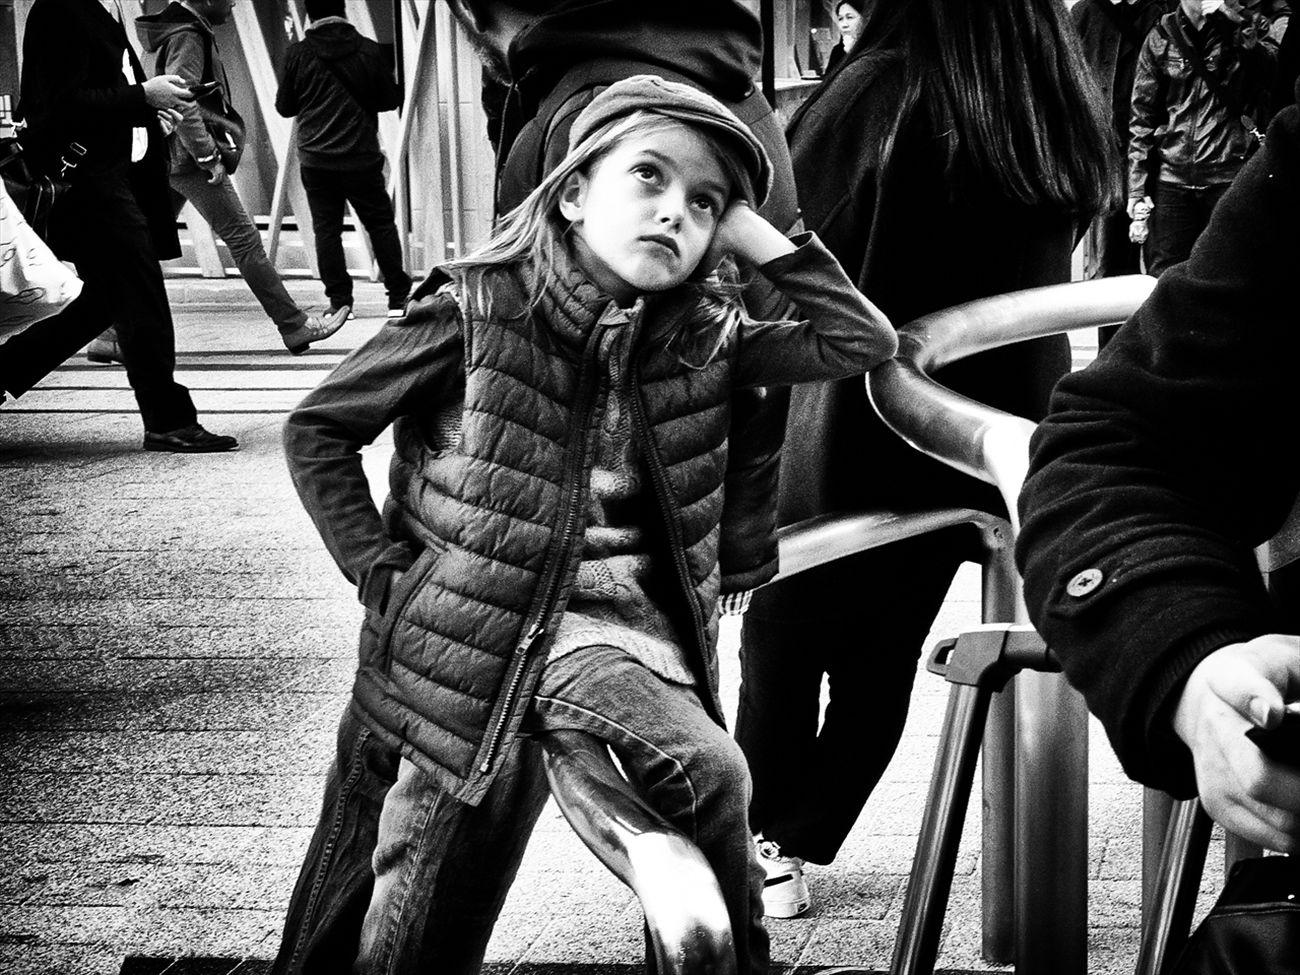 トーキョー・ブルース ~Tokyo Blues~ 新宿 Shinjyuku B&w Street Photography Black And White Creative Light And Shadow Monochrome Photography People Shibuya SHINJYUKU Street Street Photography Streetphoto Streetphoto_bw Streetphotographer Streetphotographers Streetphotography Streetphotography_bw Tokyo Tokyo Street Photography Tokyo,Japan